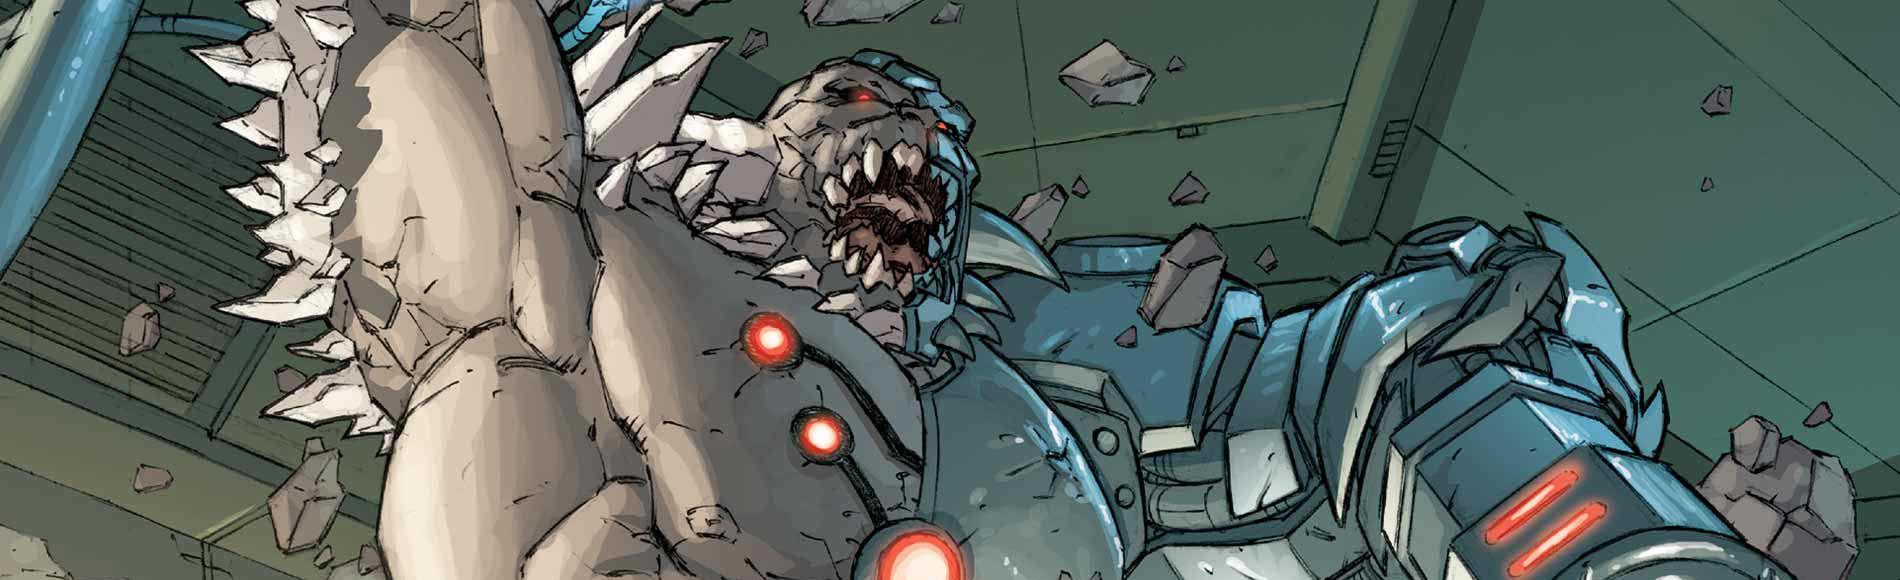 ドゥームズデイ (DCコミックス)の画像 p1_3